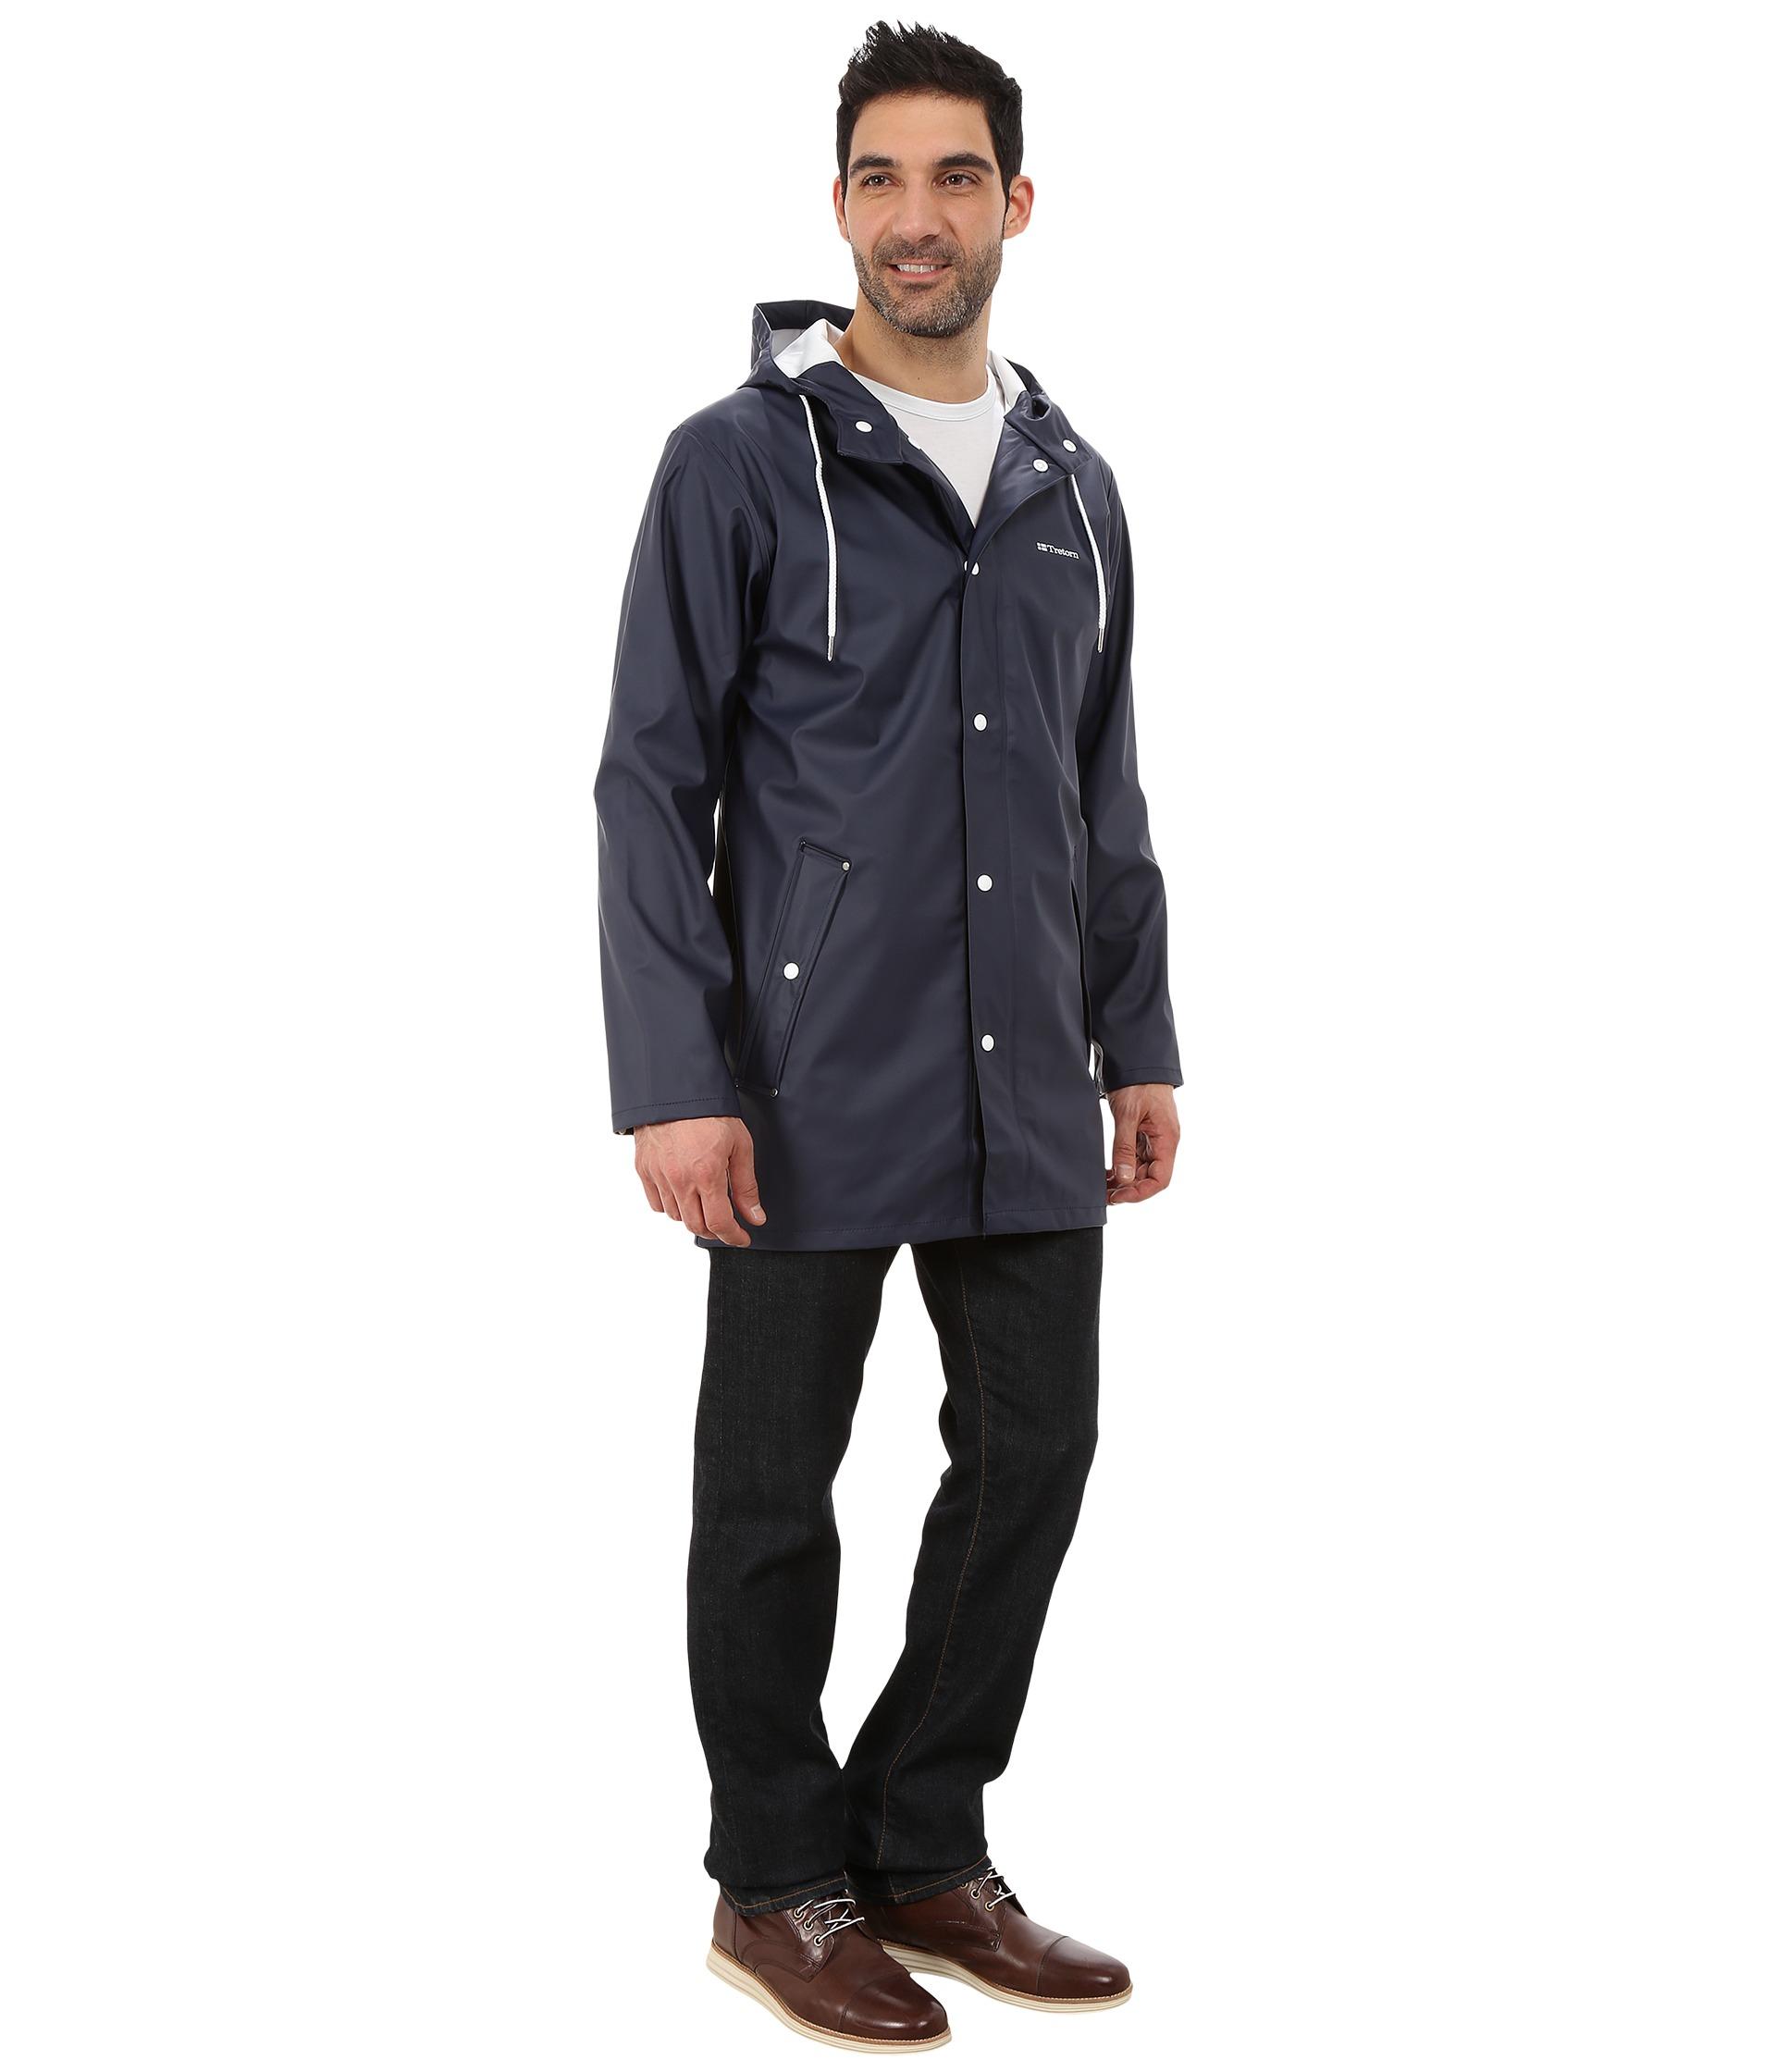 c761d696 Tretorn Wings Rain Jacket in Blue for Men - Lyst